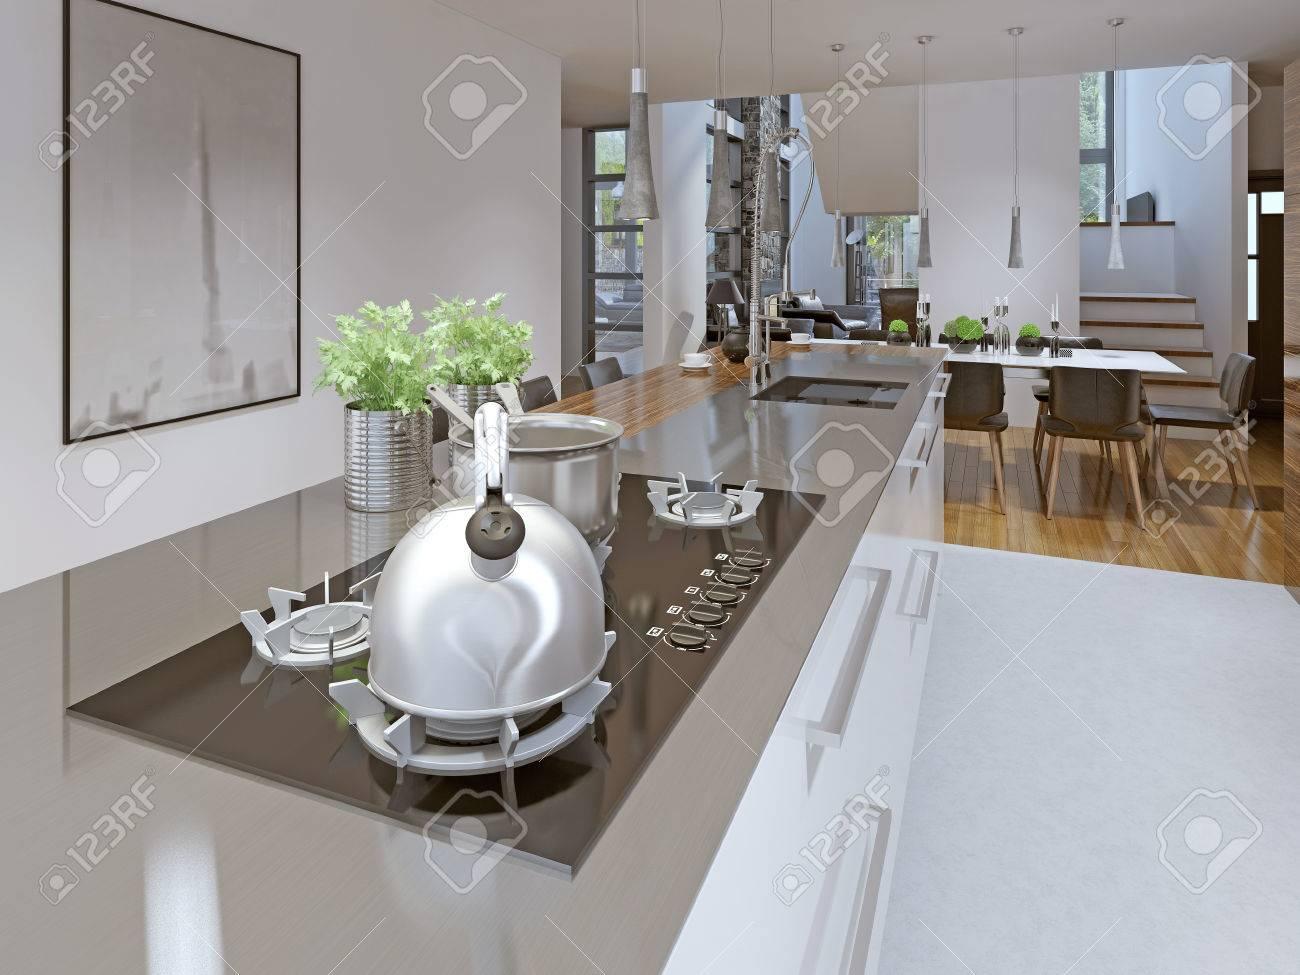 Vorstellung Von Loft Küche-Esszimmer Lizenzfreie Fotos, Bilder Und ...